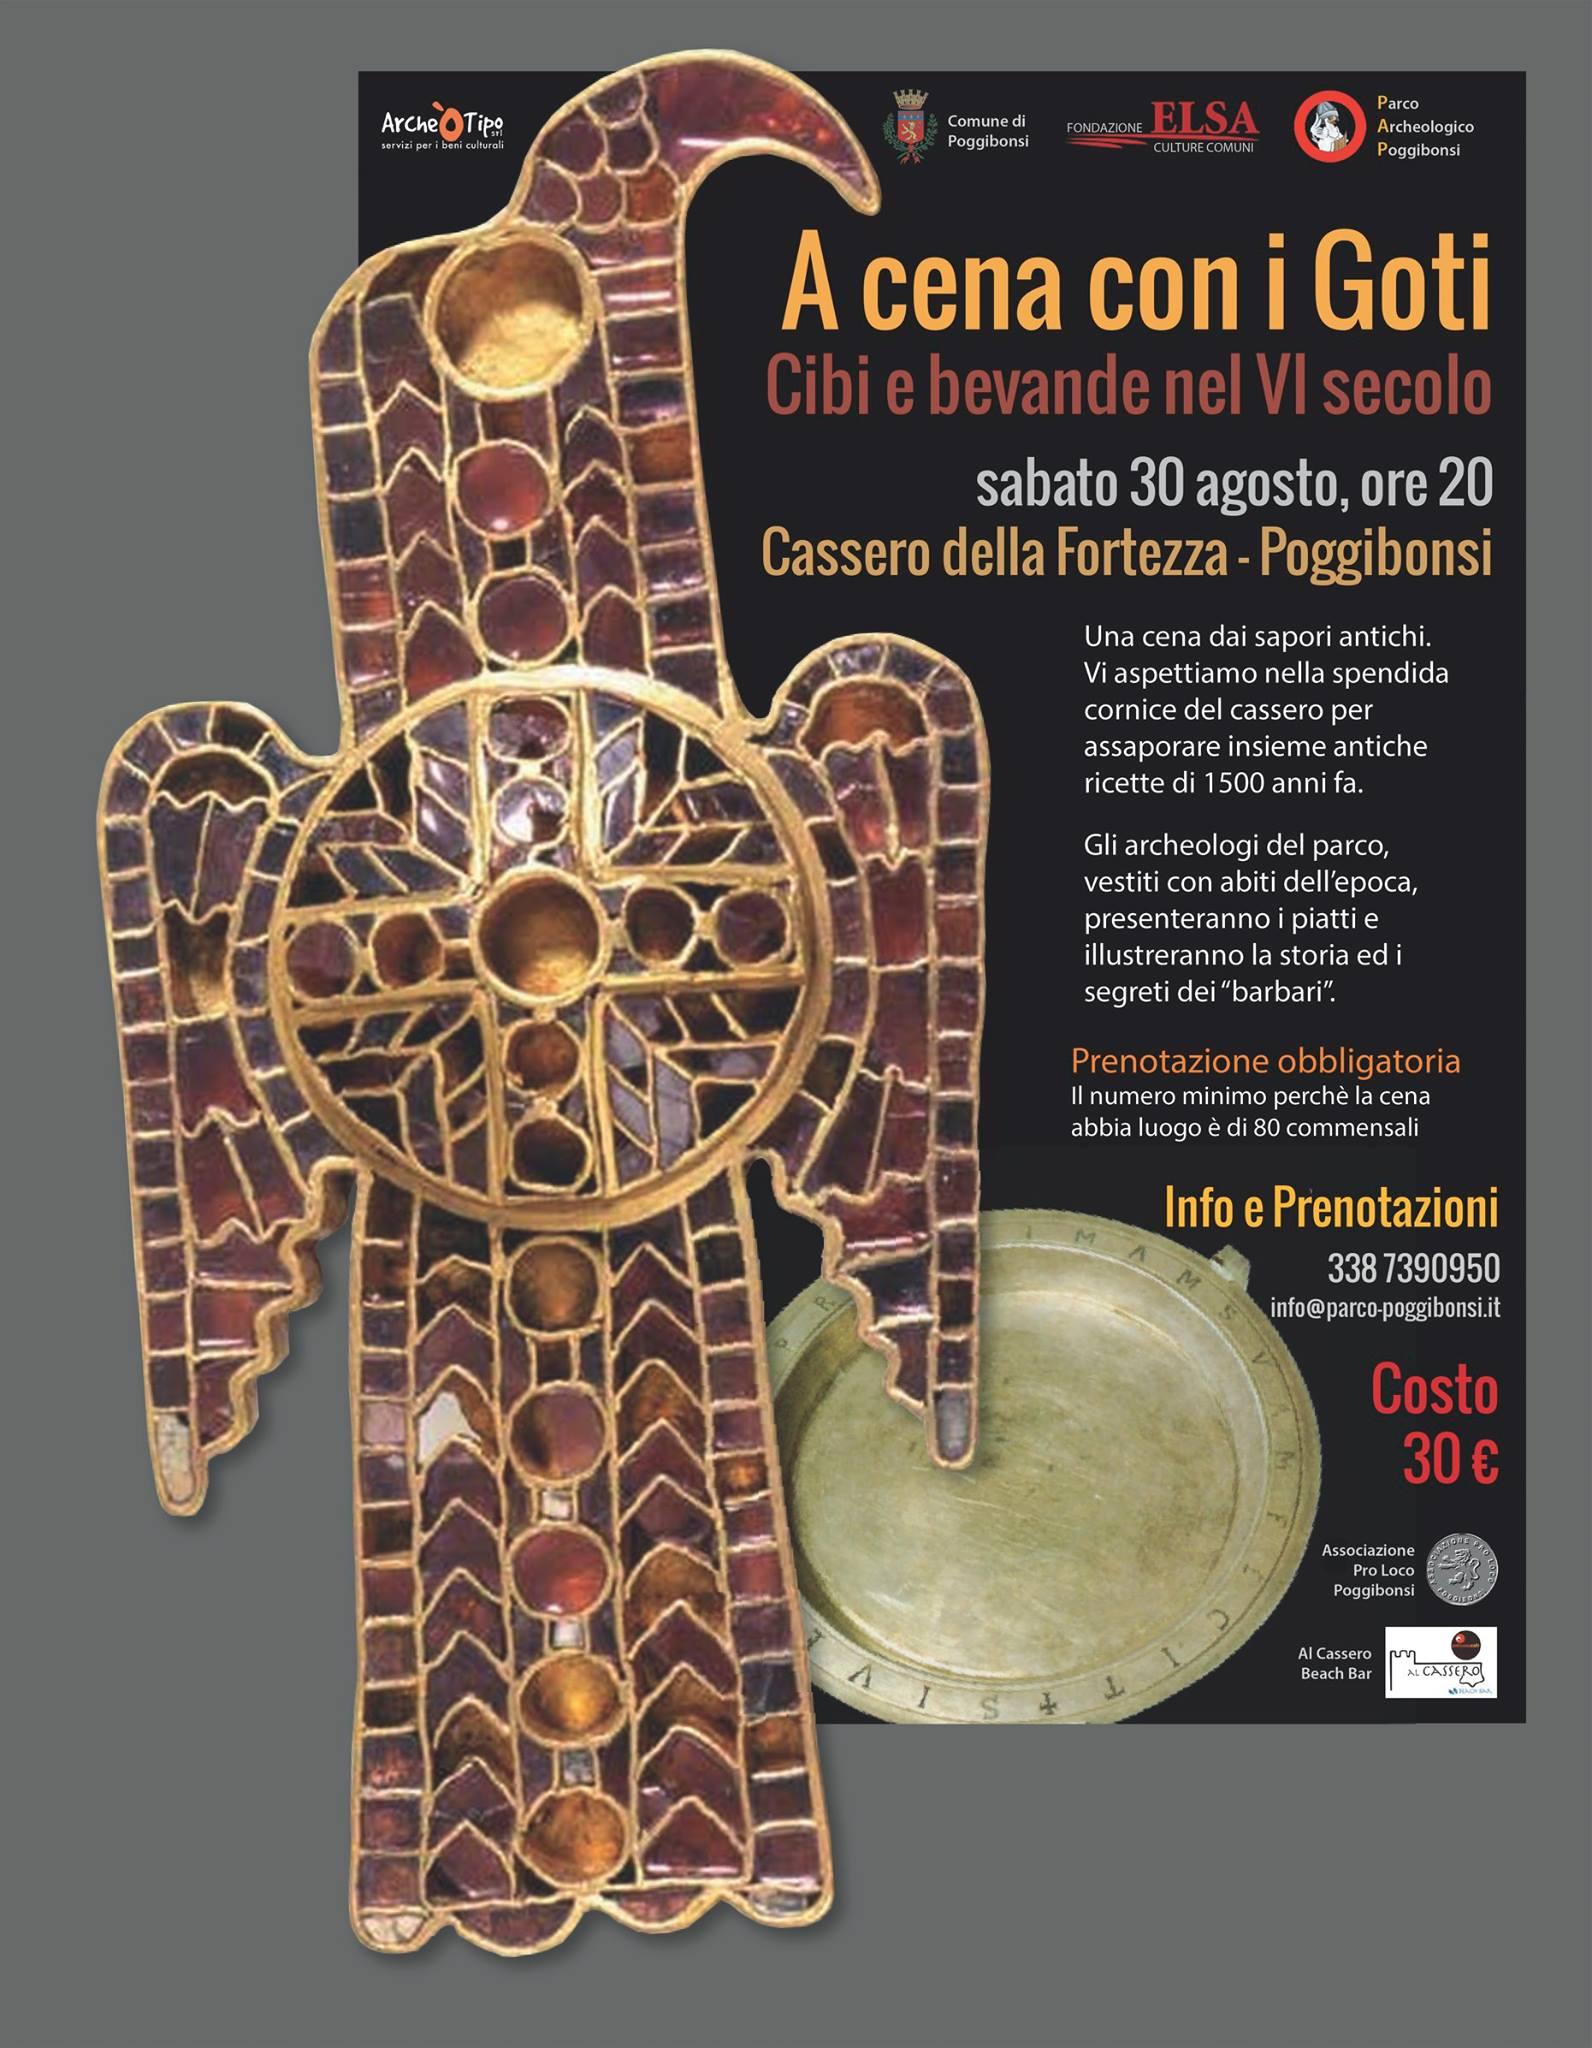 A cena con i Goti. Cibi e bevande nel VI secolo (sabato 30 agosto 2014)